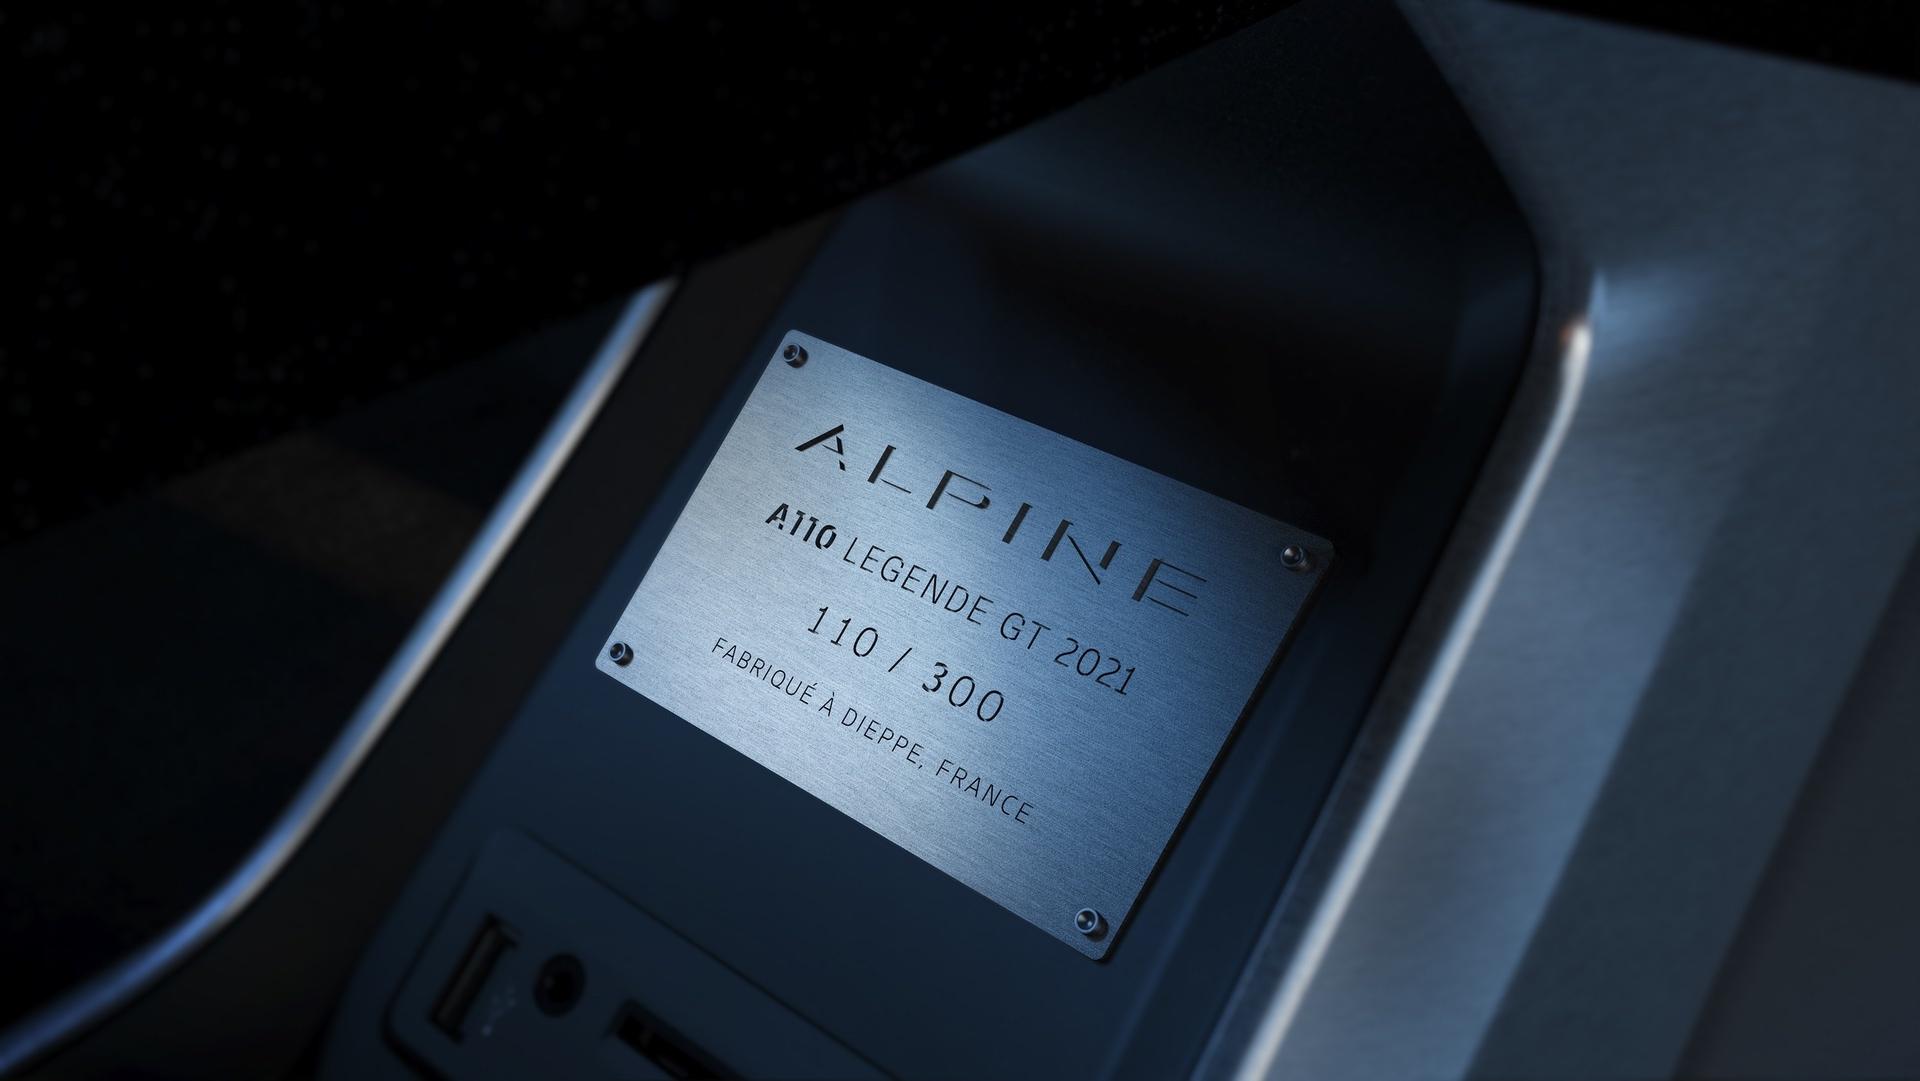 ALPINE A110 LEGENDE GT SERIE LIMITEE 2021